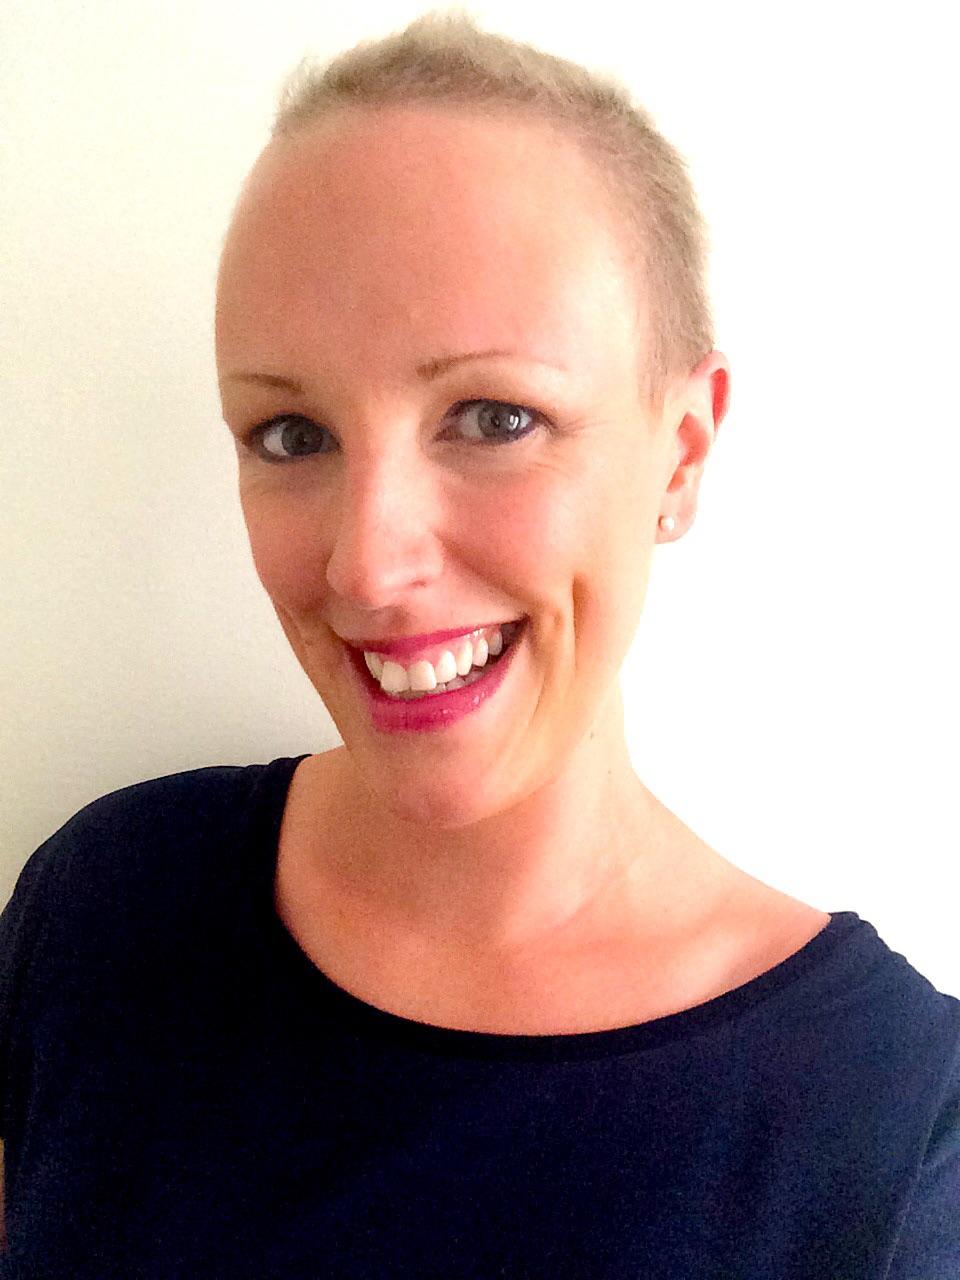 hur snabbt växer håret efter cellgifter